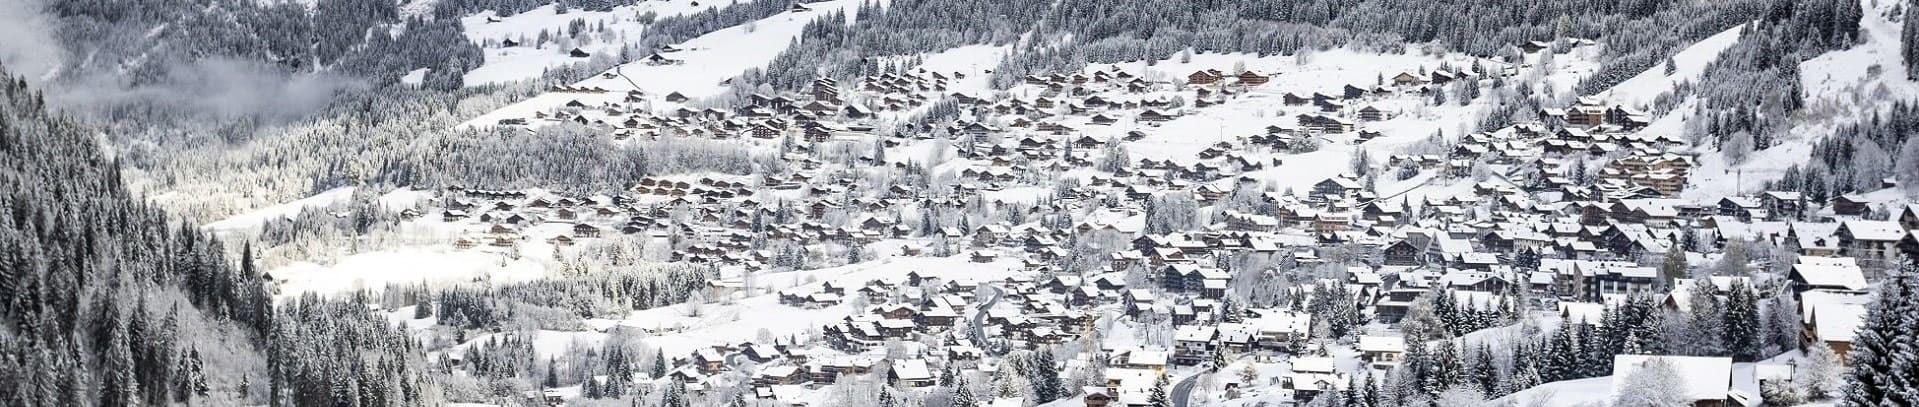 Le village de Châtel sous la neige en hiver